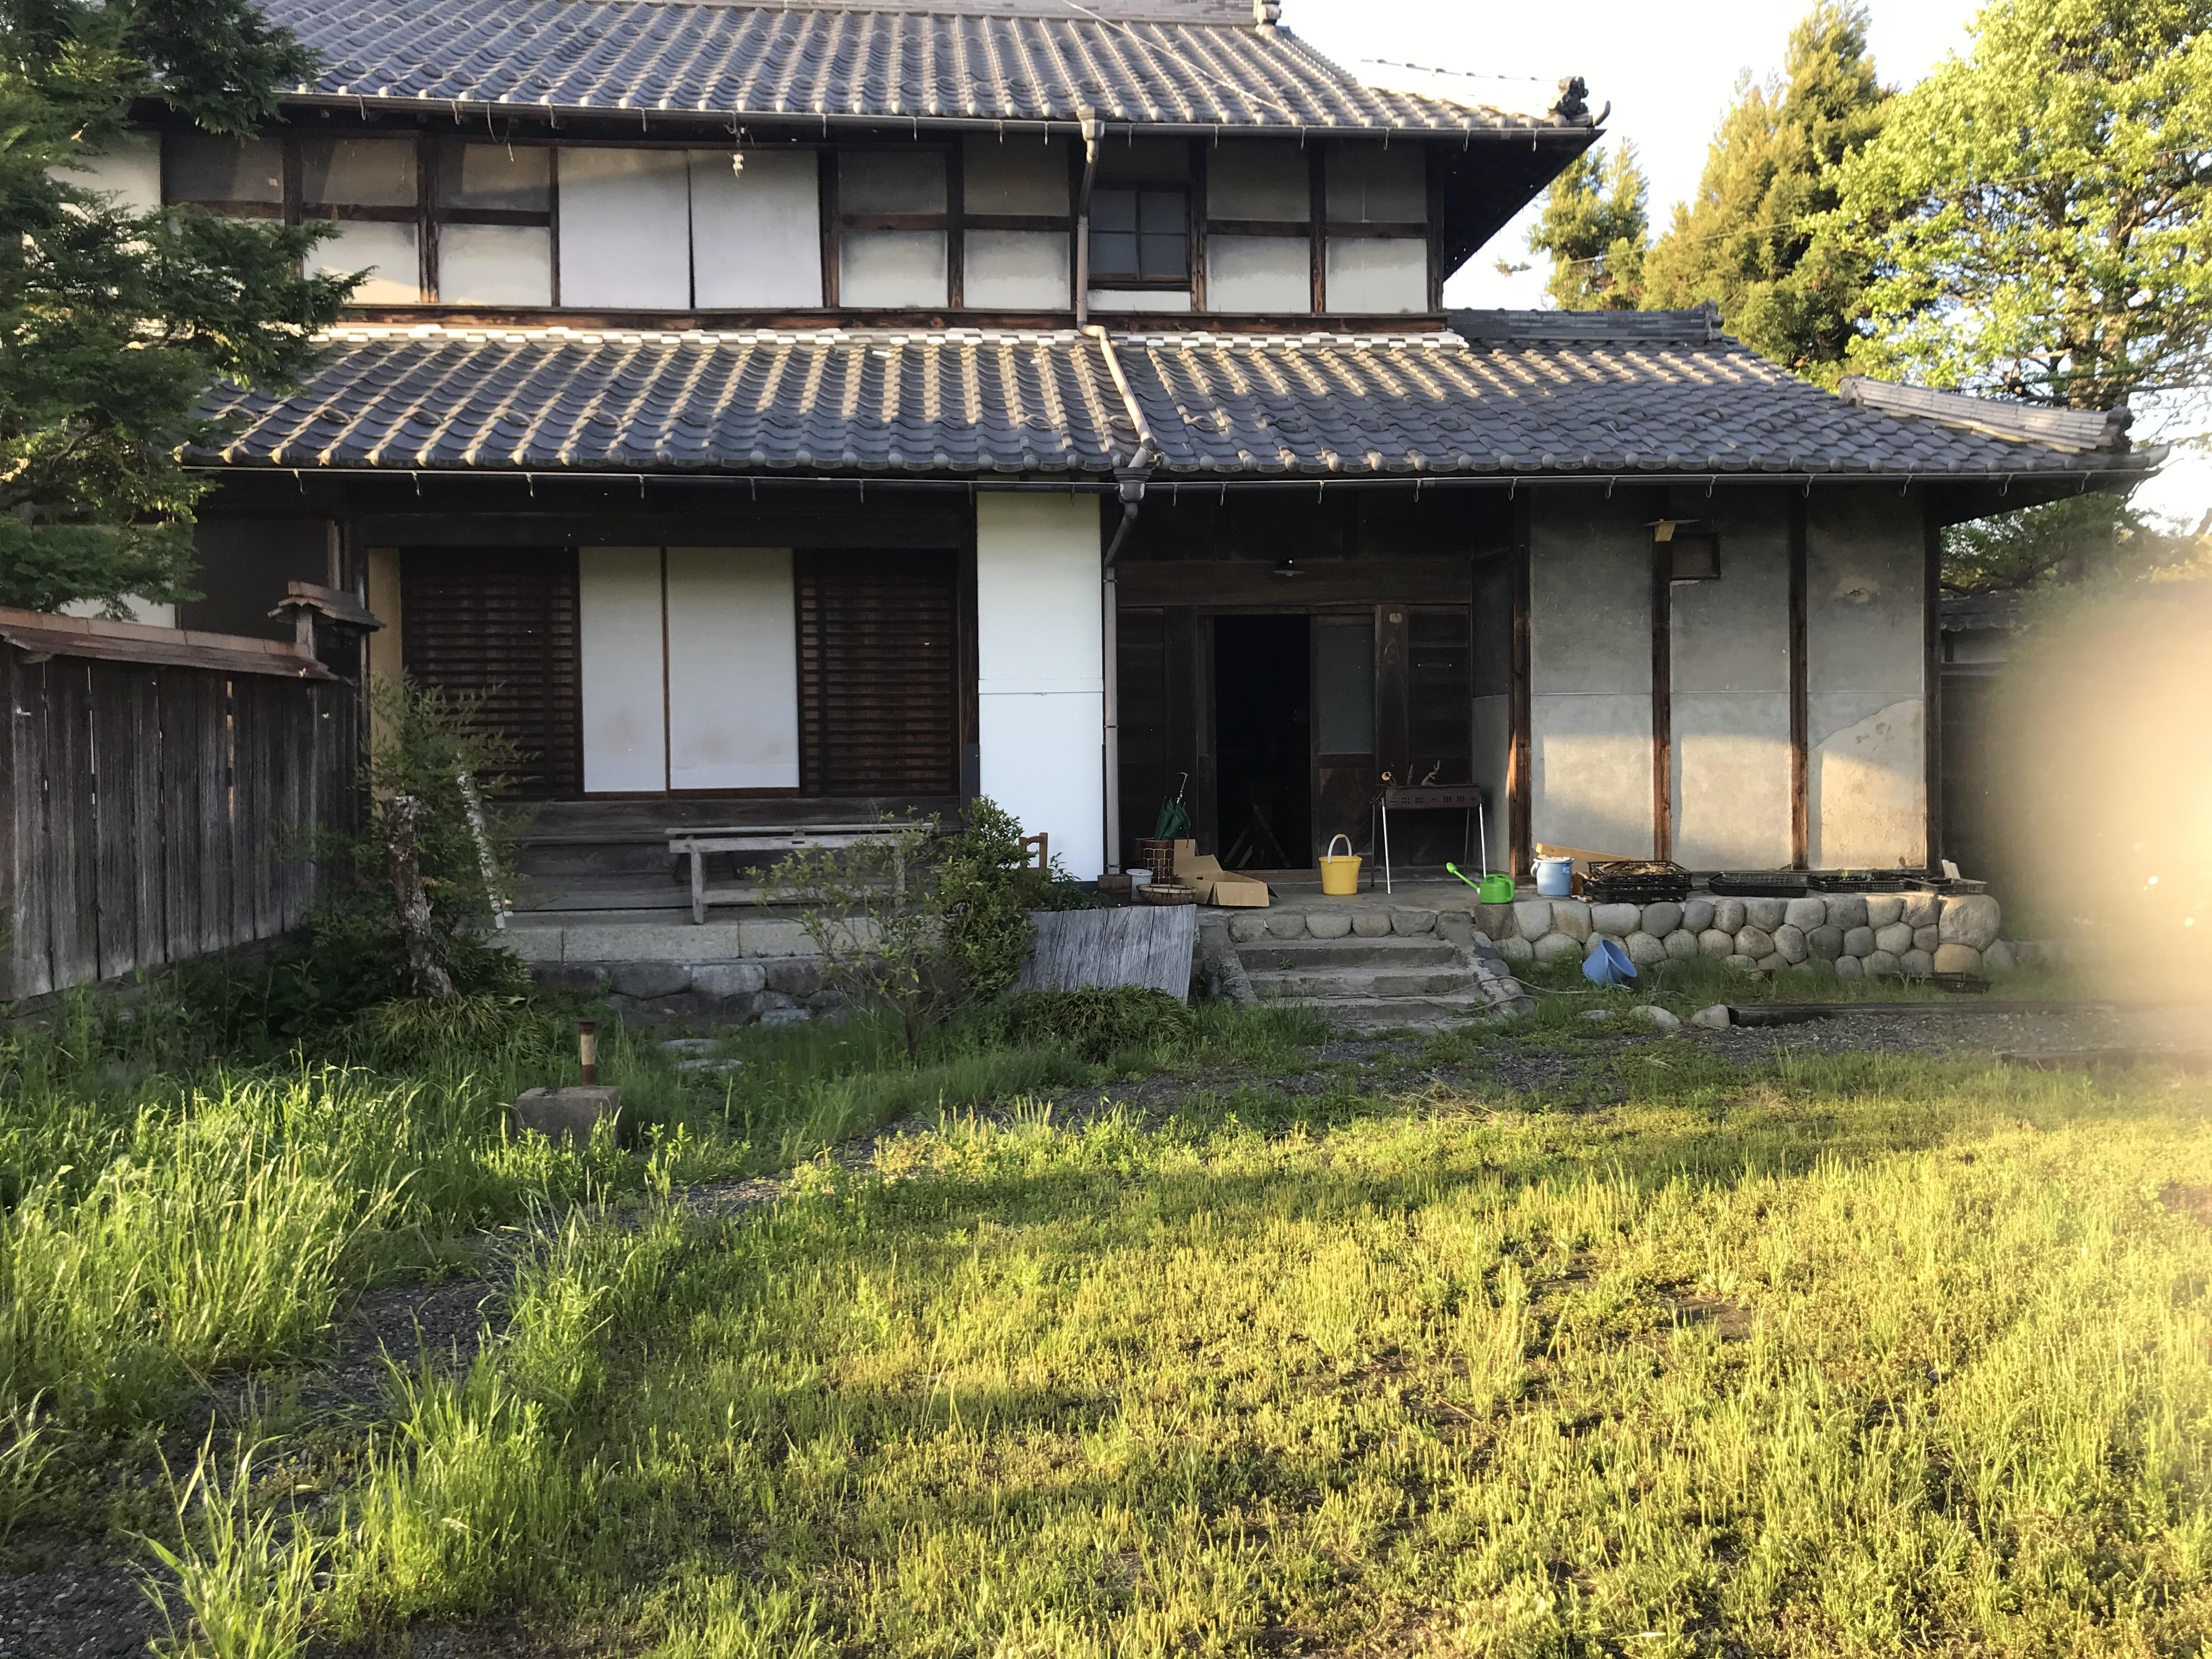 ホニャラノイエです。築110年の古民家。夕食と朝食は、この家の中で一緒に食べましょう!